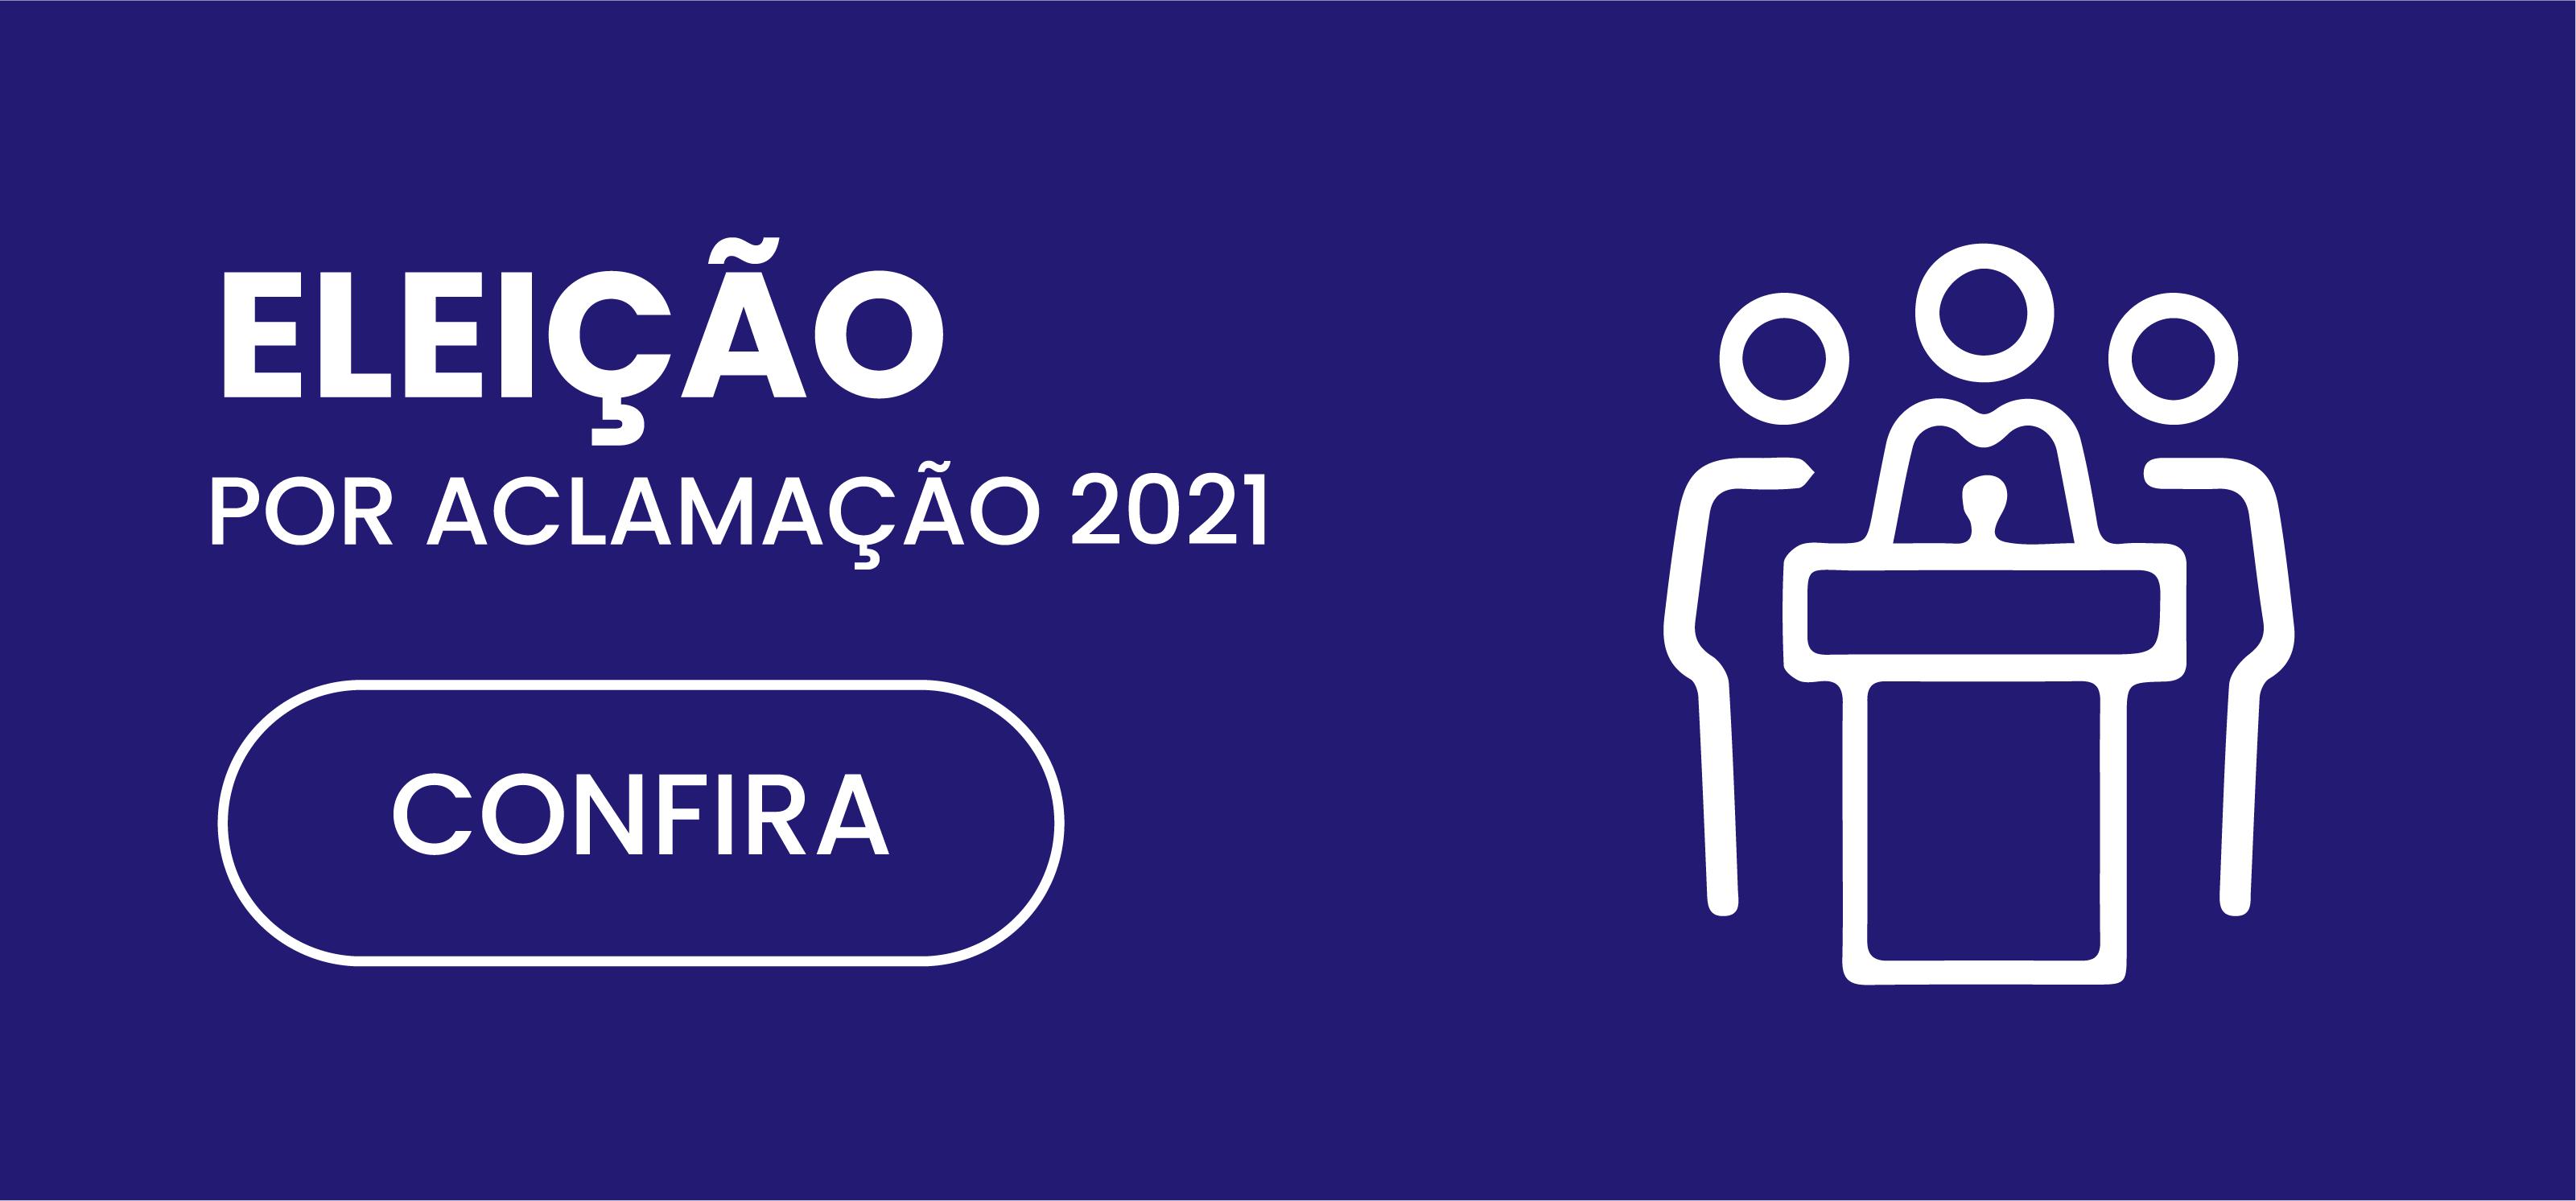 ELEICÃO POR ACLAMAÇÃO 2021